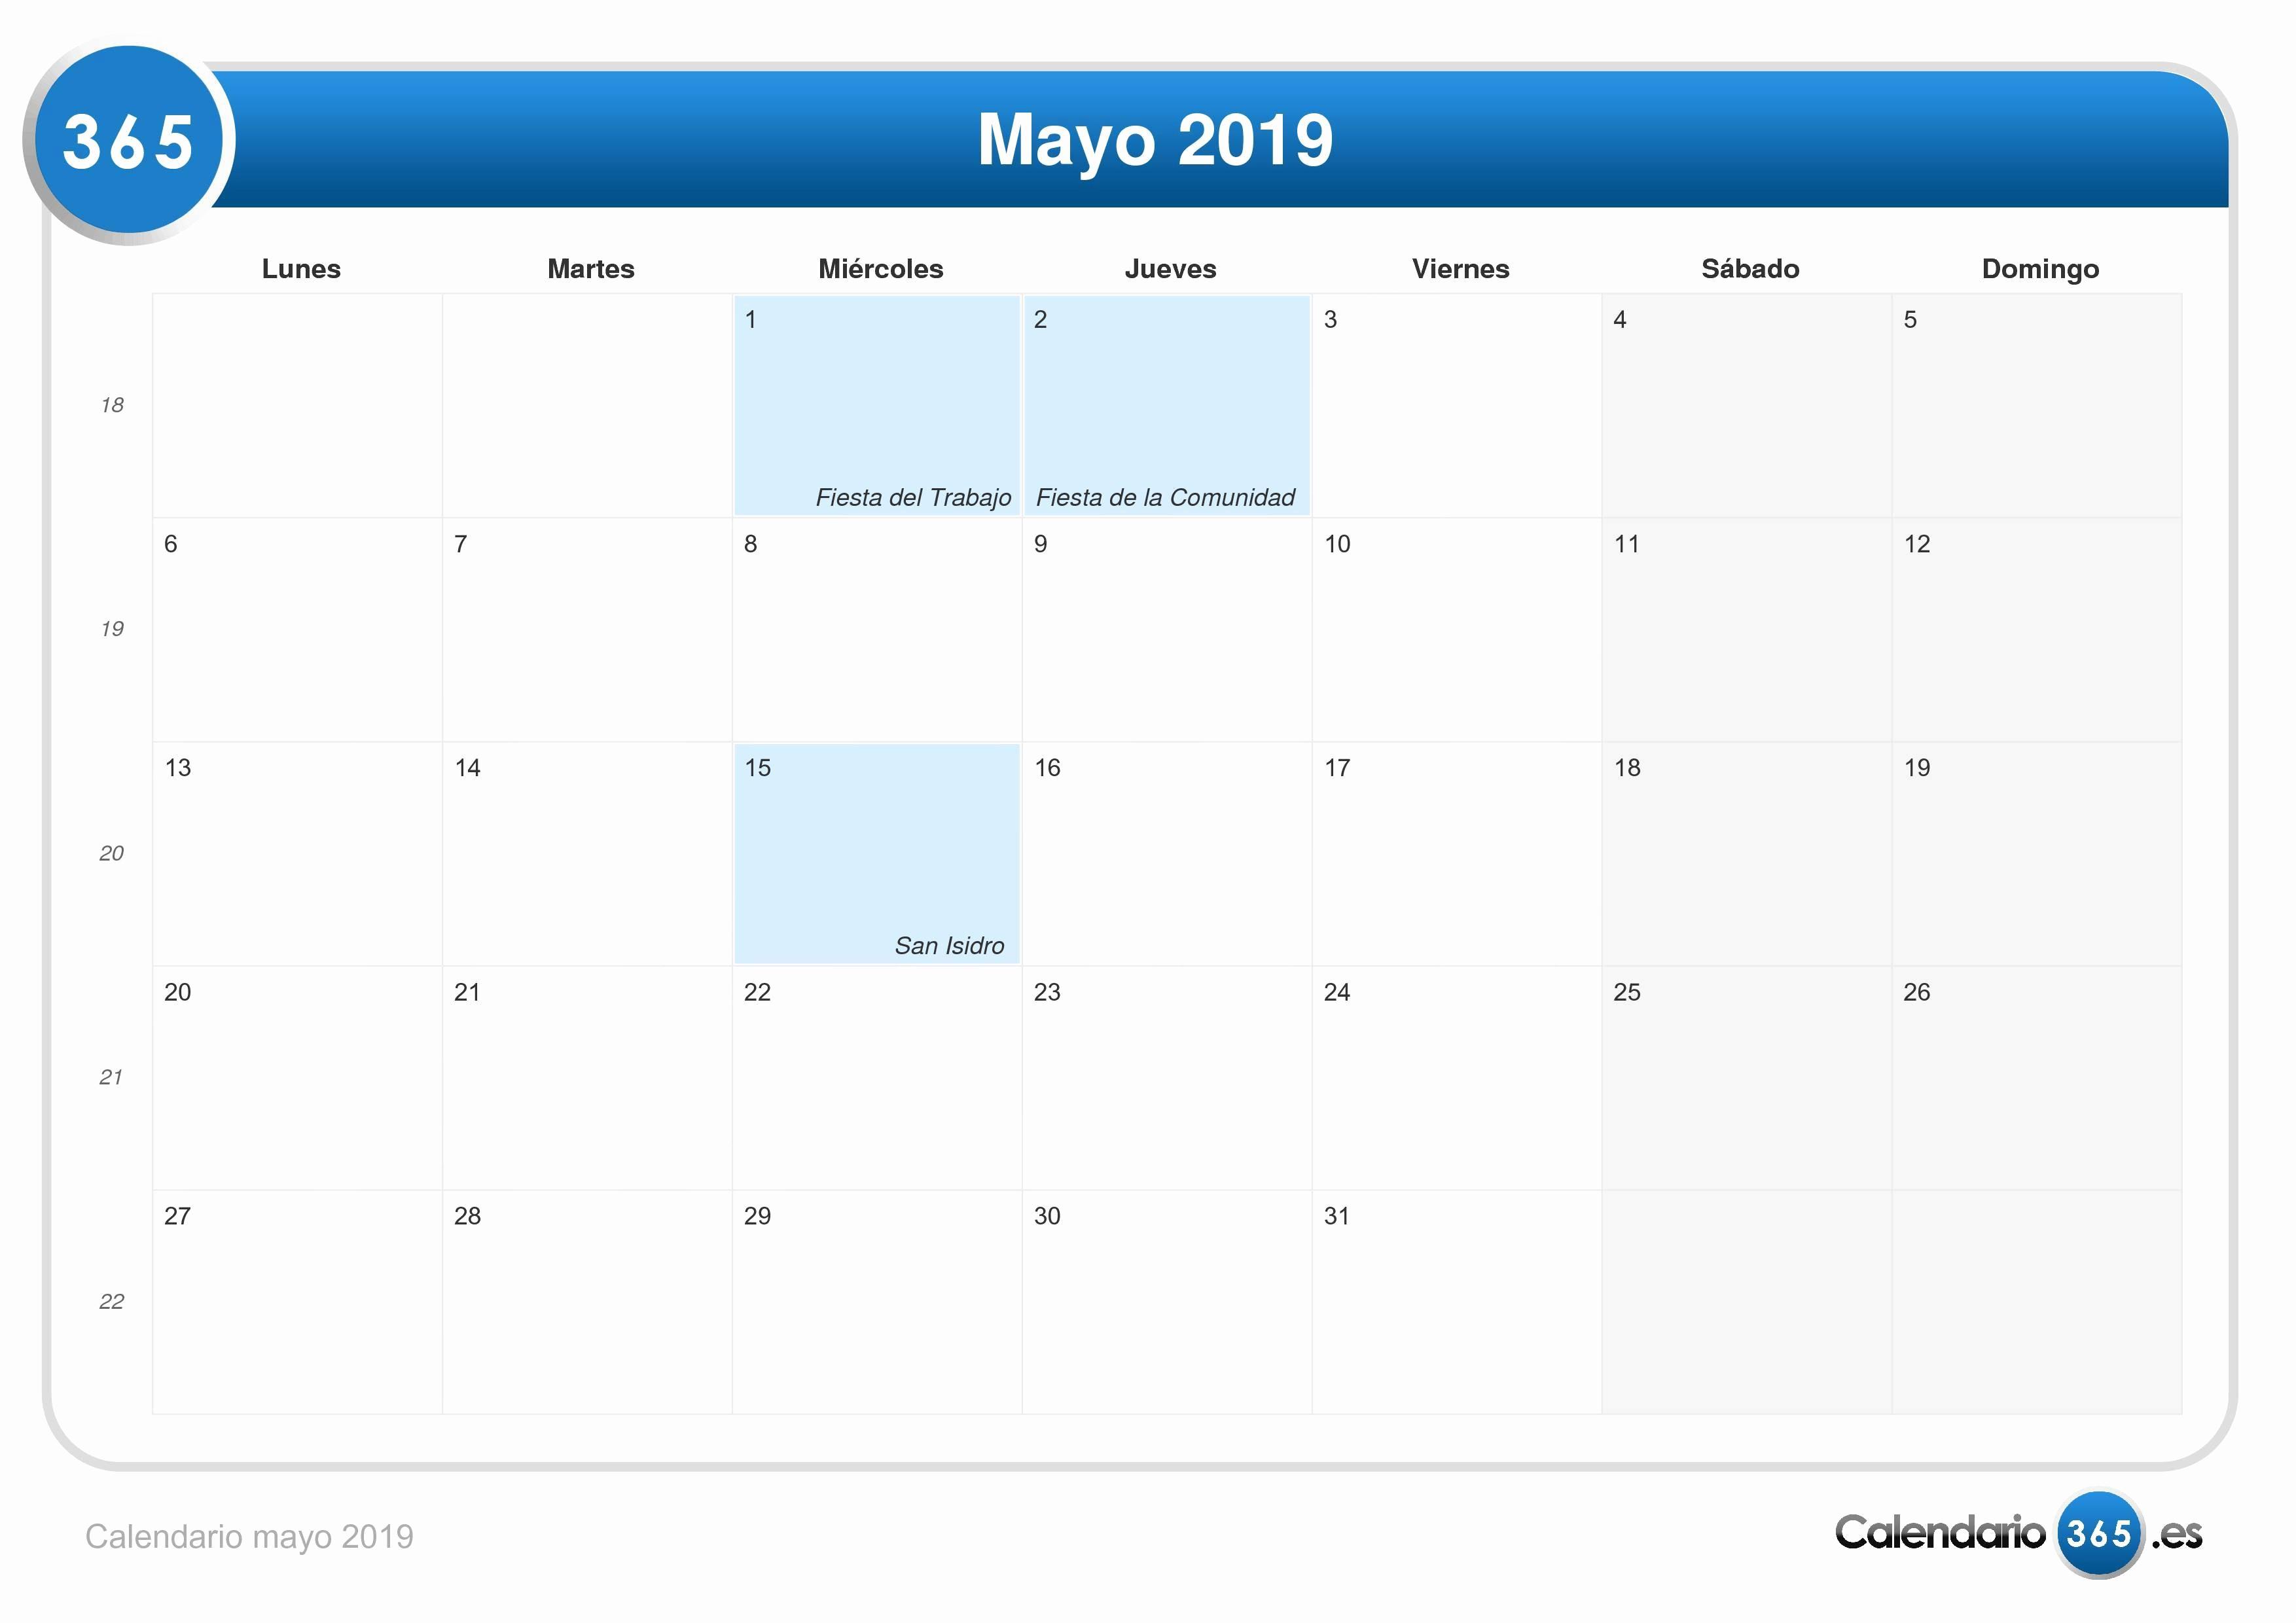 Imprimir Calendario 2019 Madrid Más Arriba-a-fecha De Lujo 51 Ejemplos Festivos 2019 Of Imprimir Calendario 2019 Madrid Más Arriba-a-fecha Través De Las Siguientes Dogmagazine